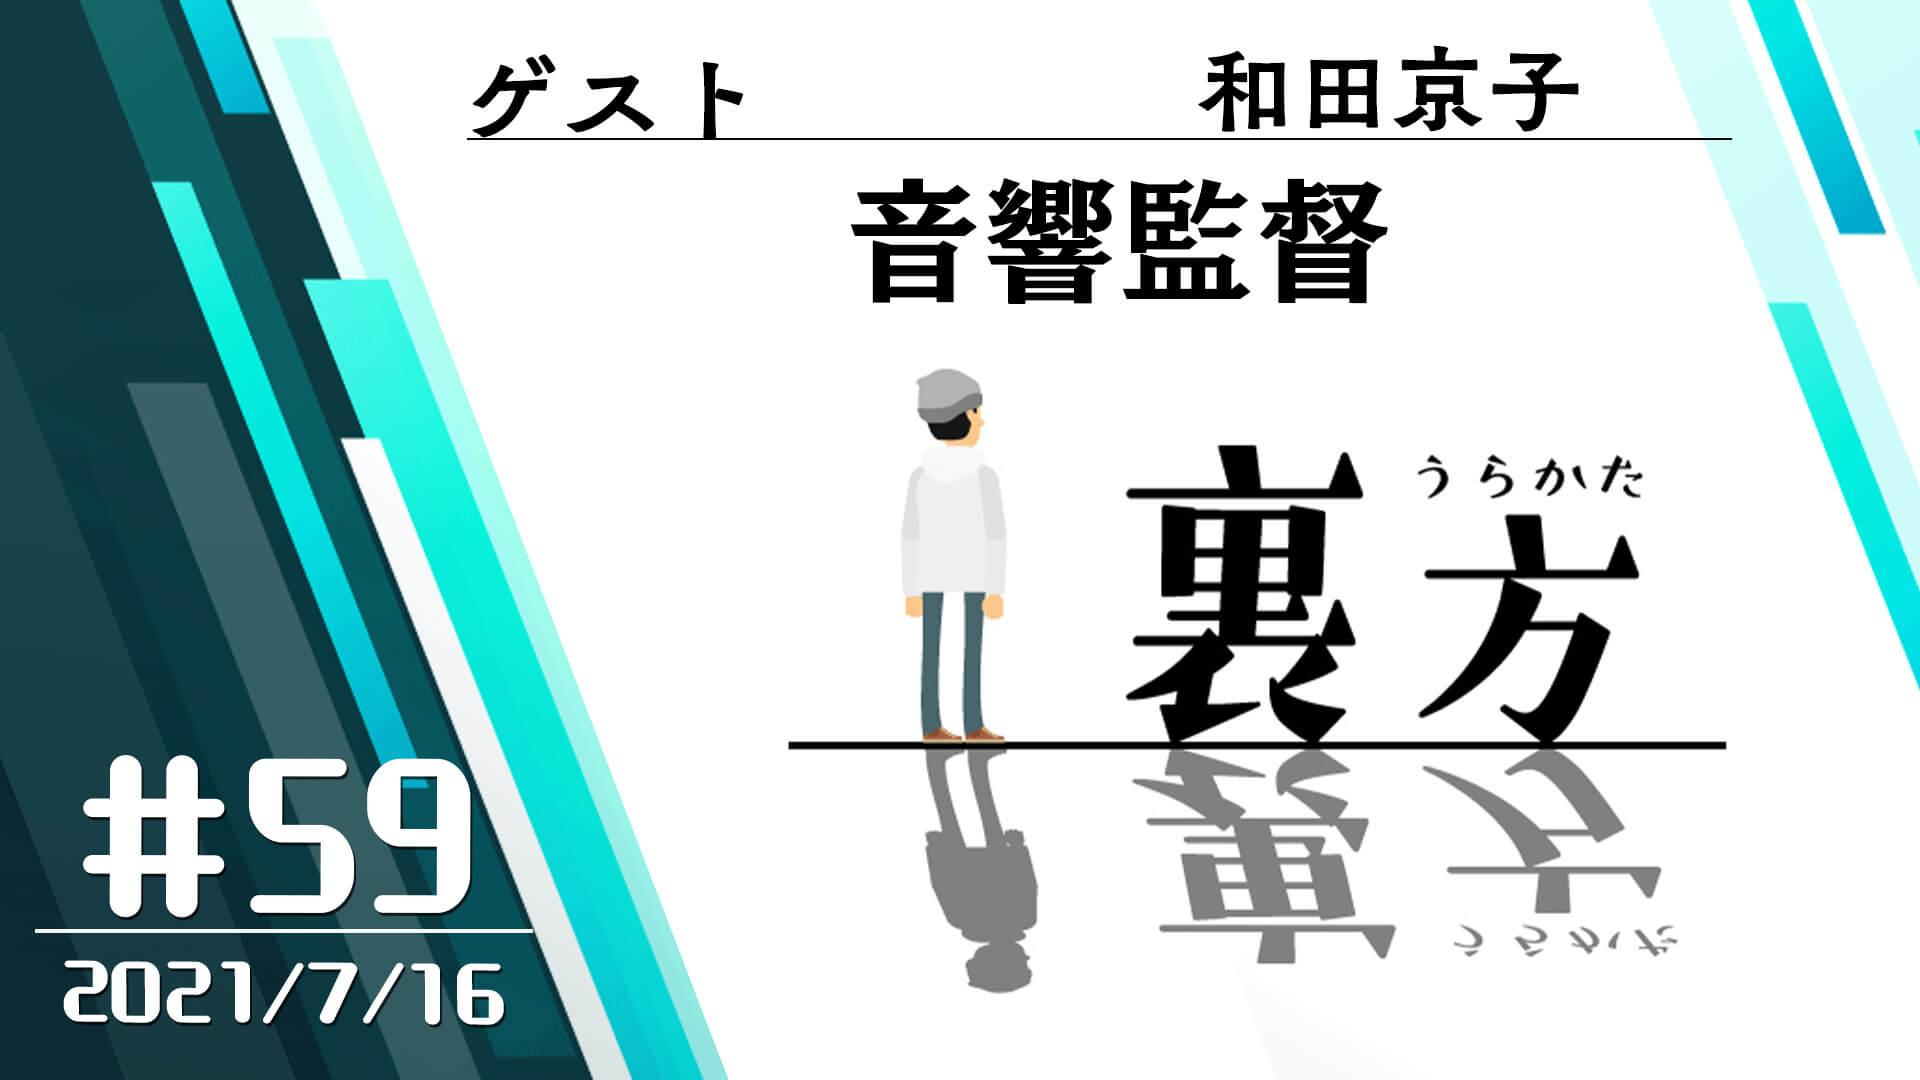 【ゲスト:音響監督 和田京子さん】文化放送超!A&G+ 「裏方」#59 (2021年7月16日放送